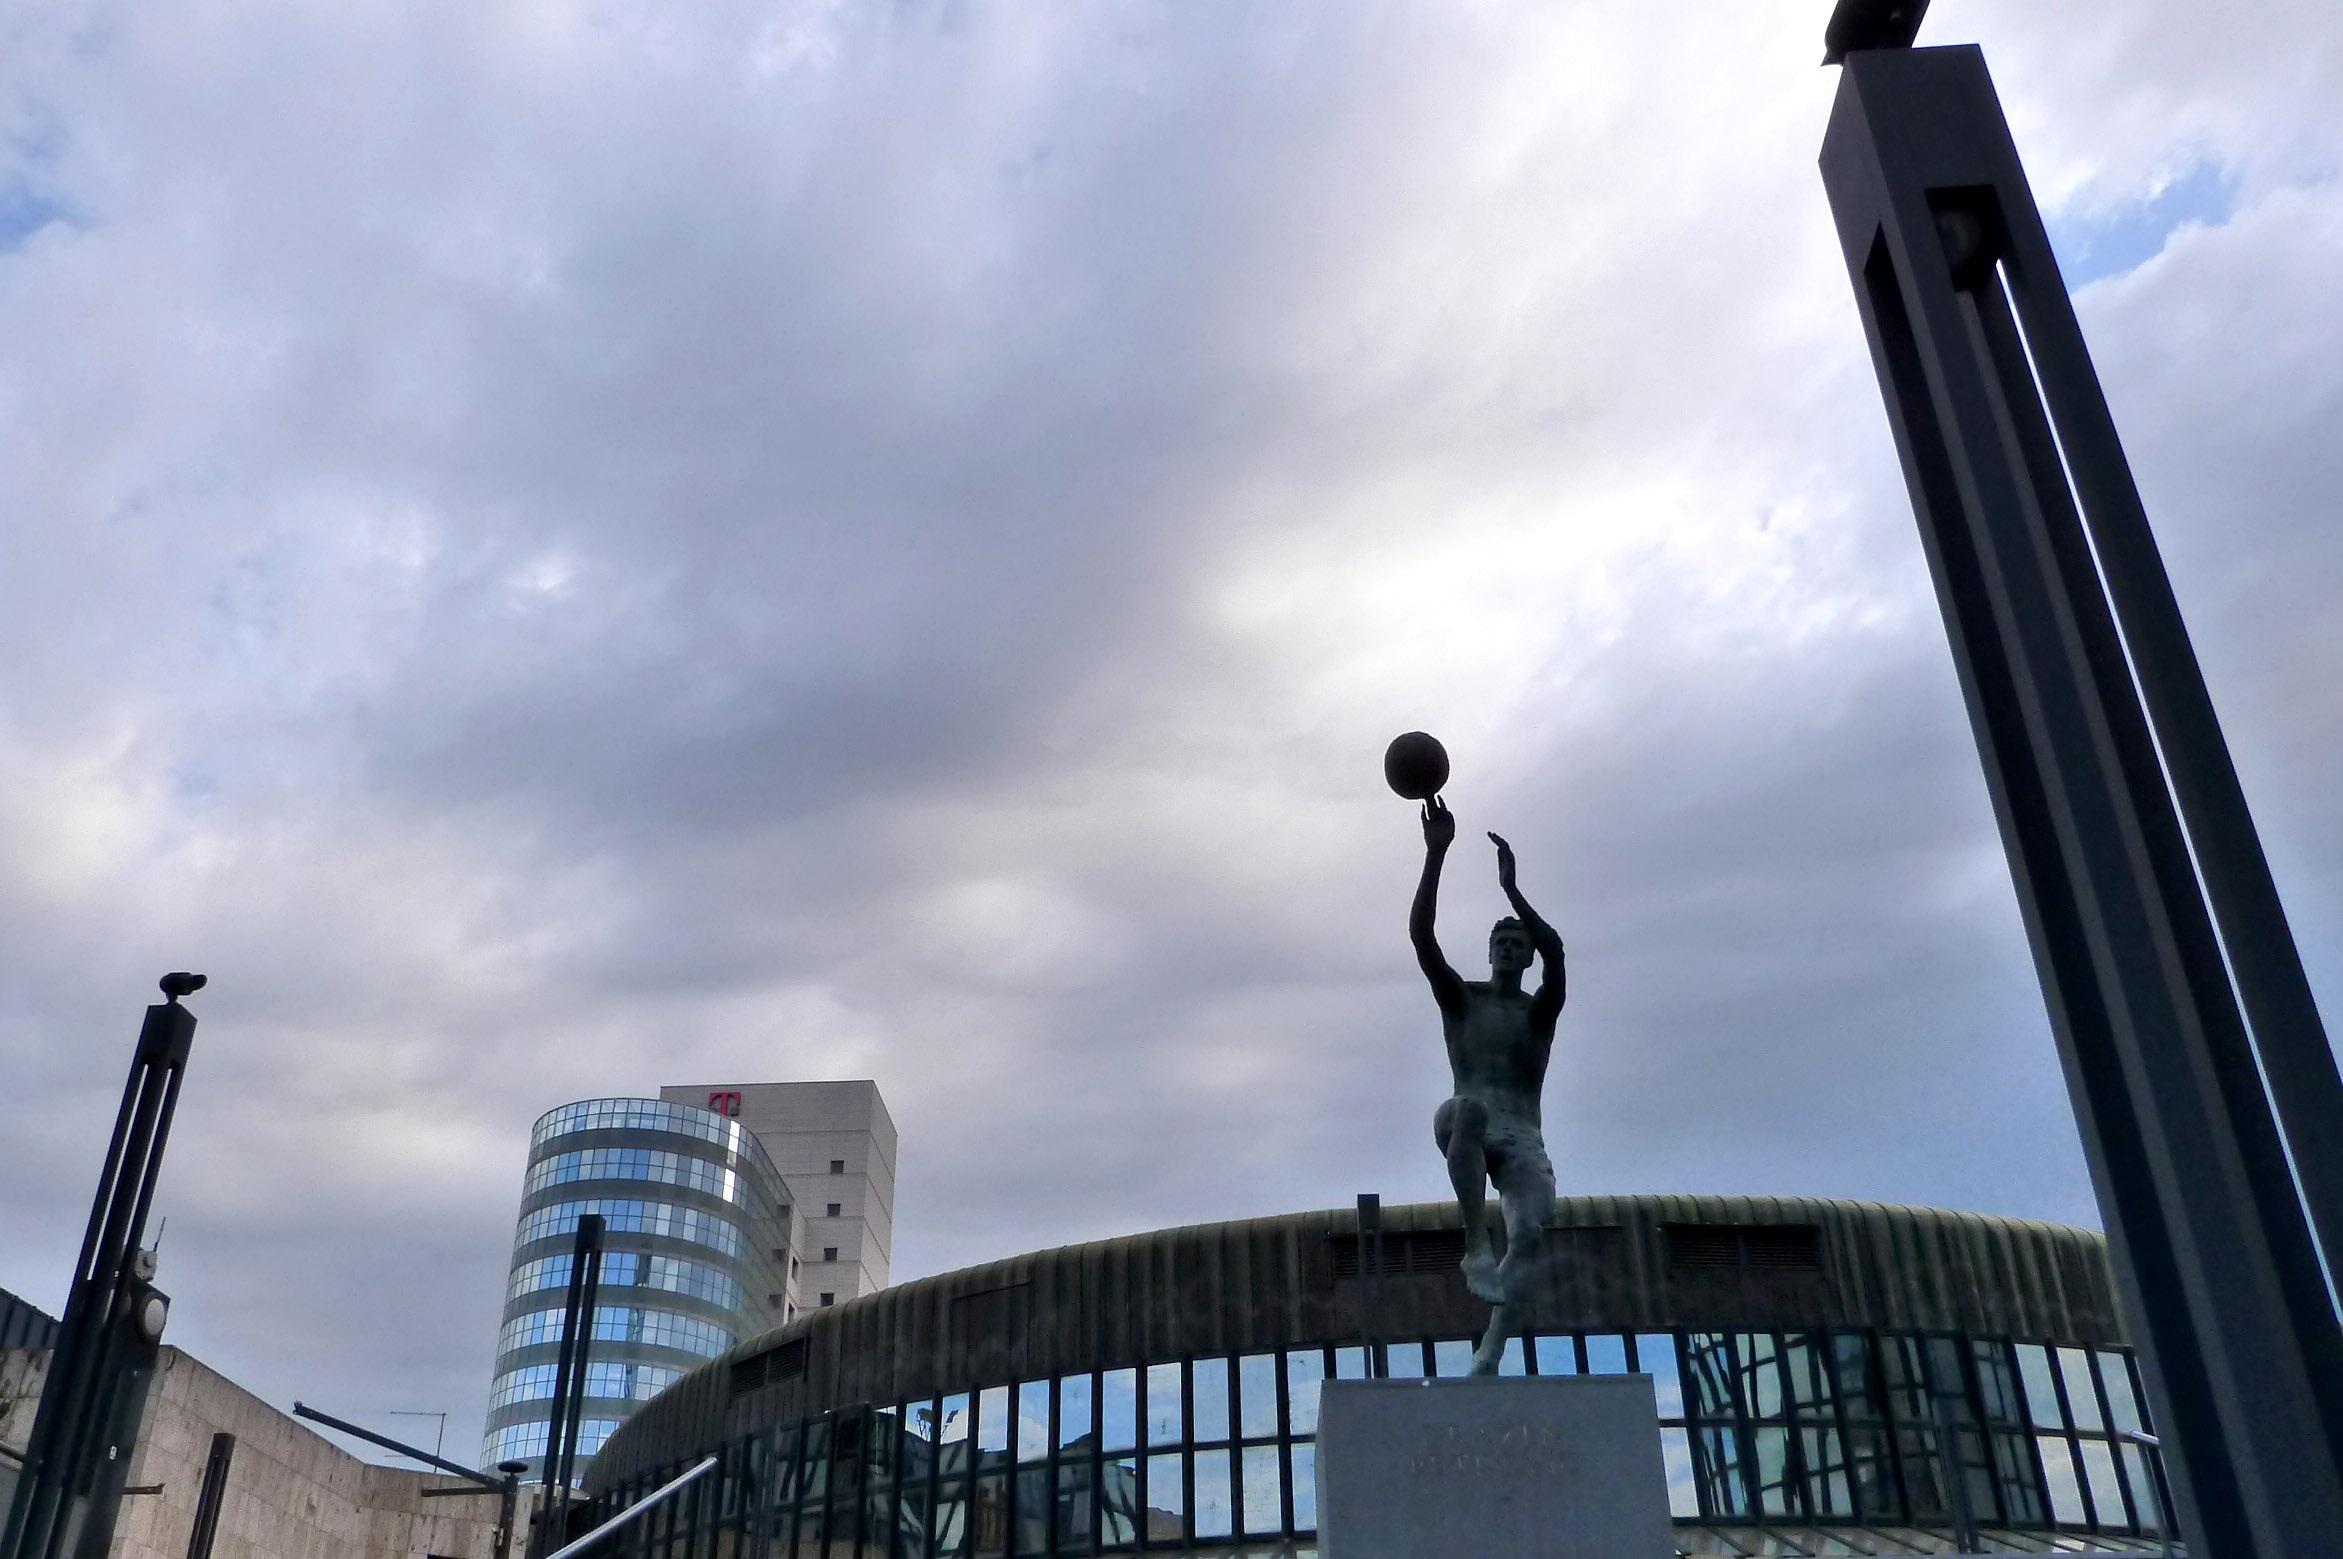 Stehlen Modern kostenlose foto wolke himmel sport skyline straße retro